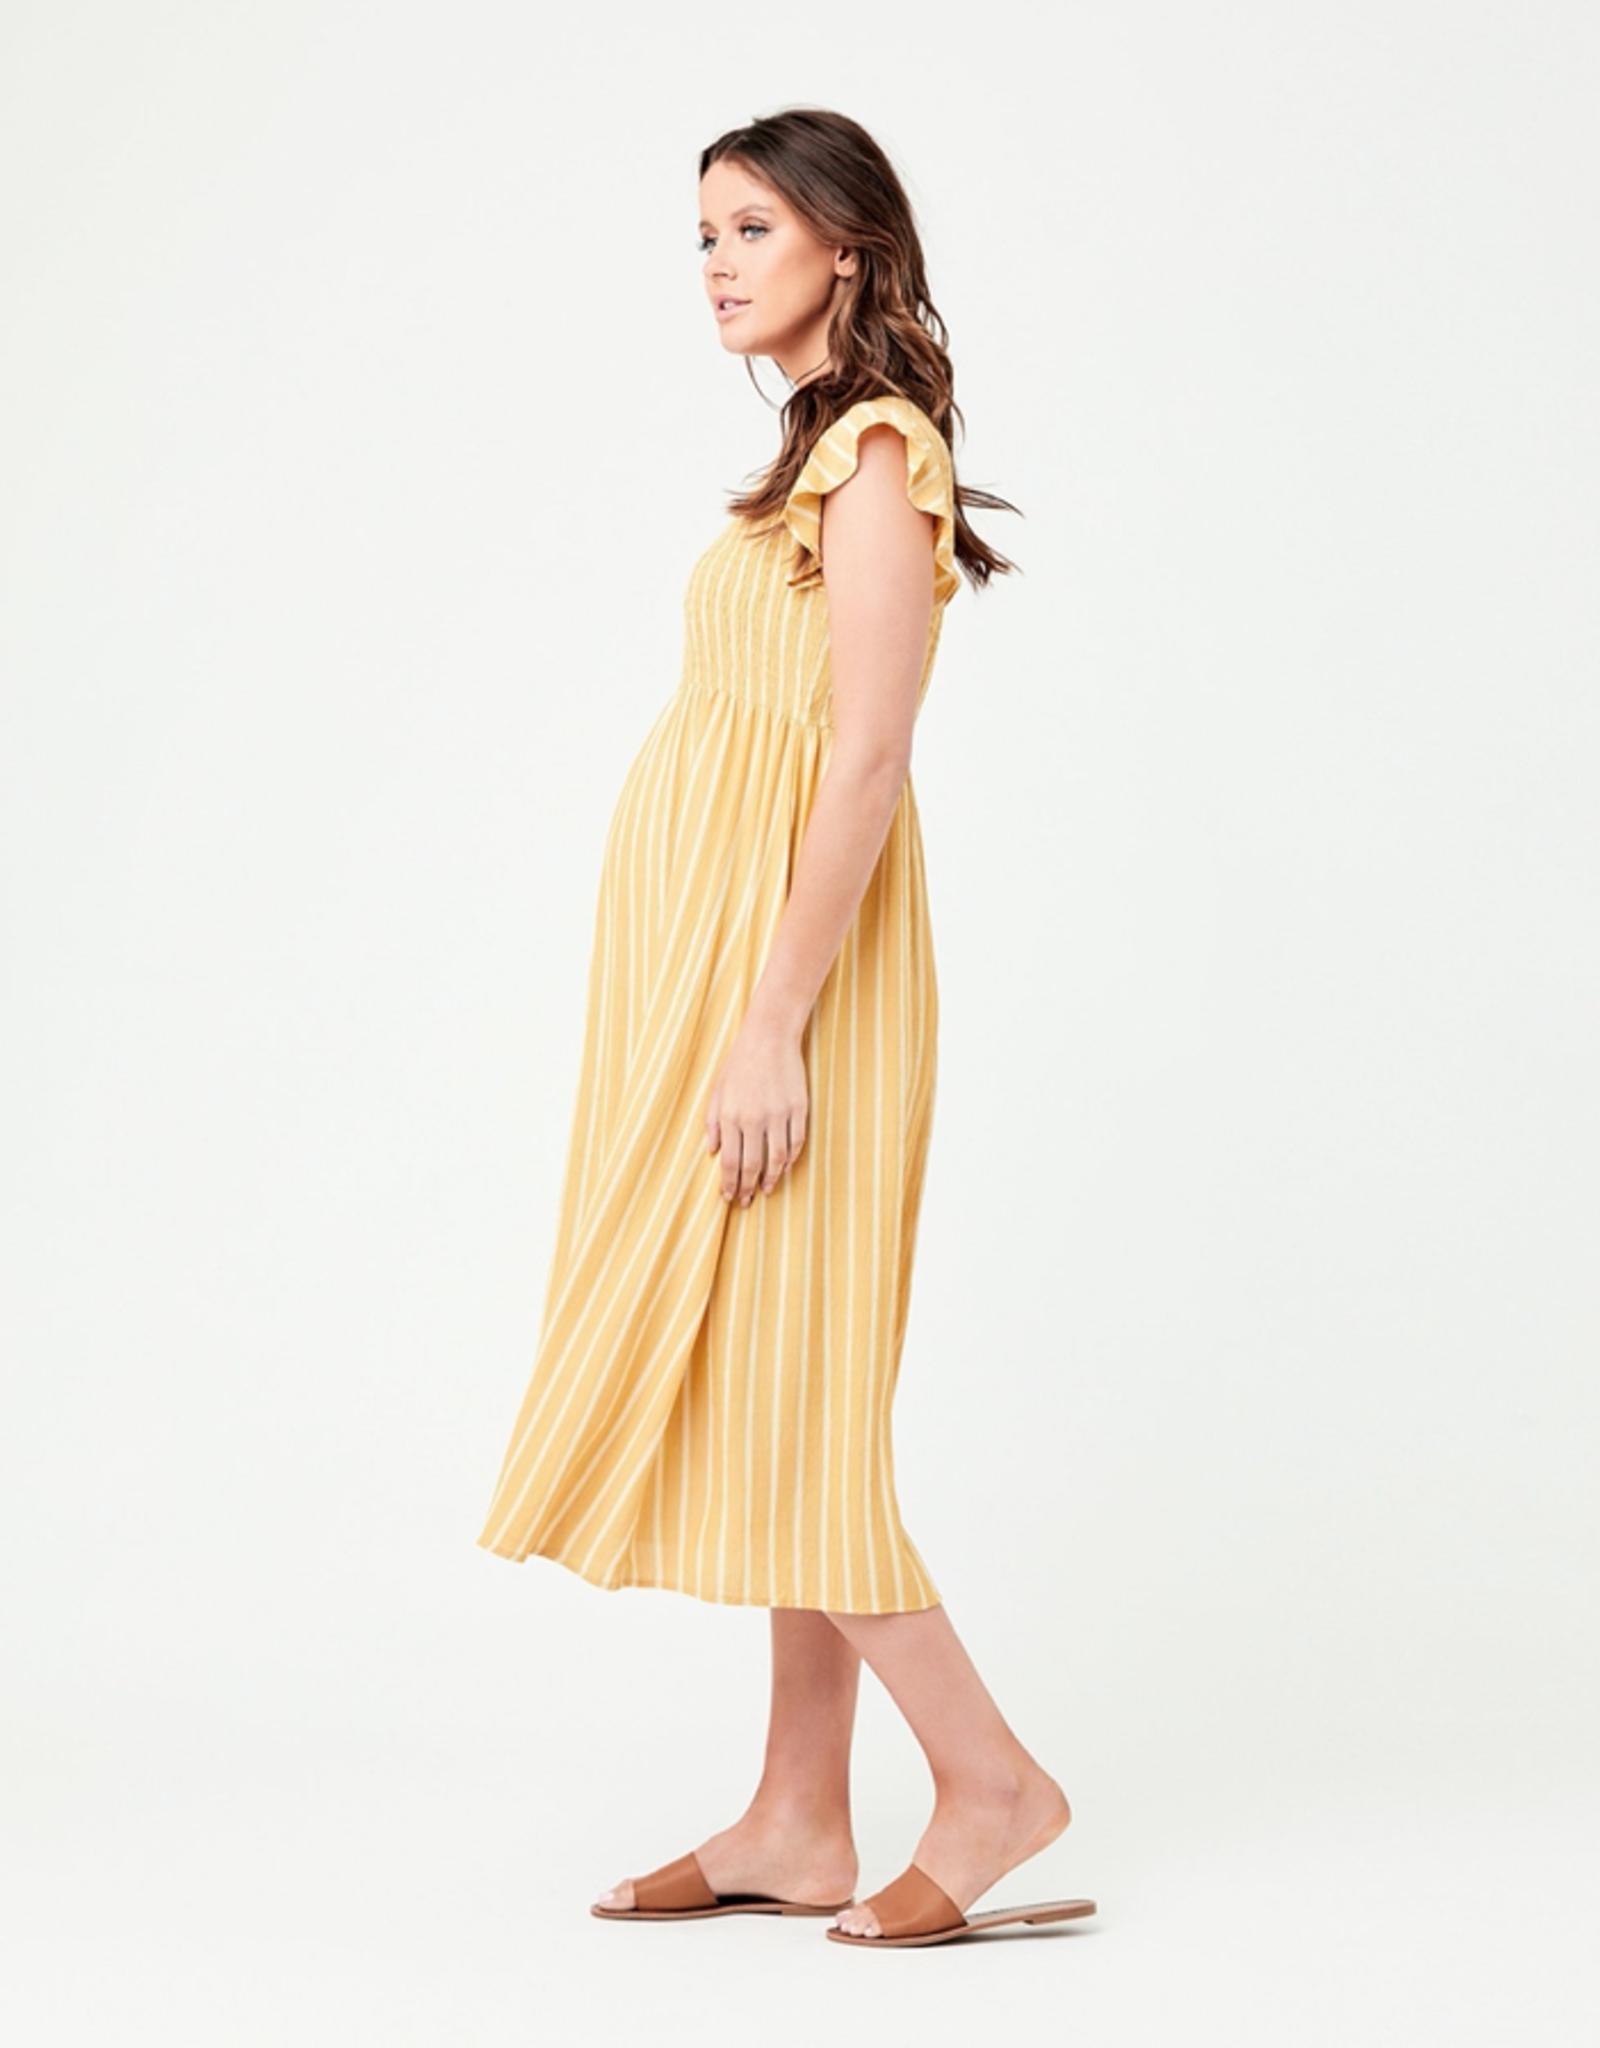 Ripe Maternity Sofia Shirred Dress in Mustard & White